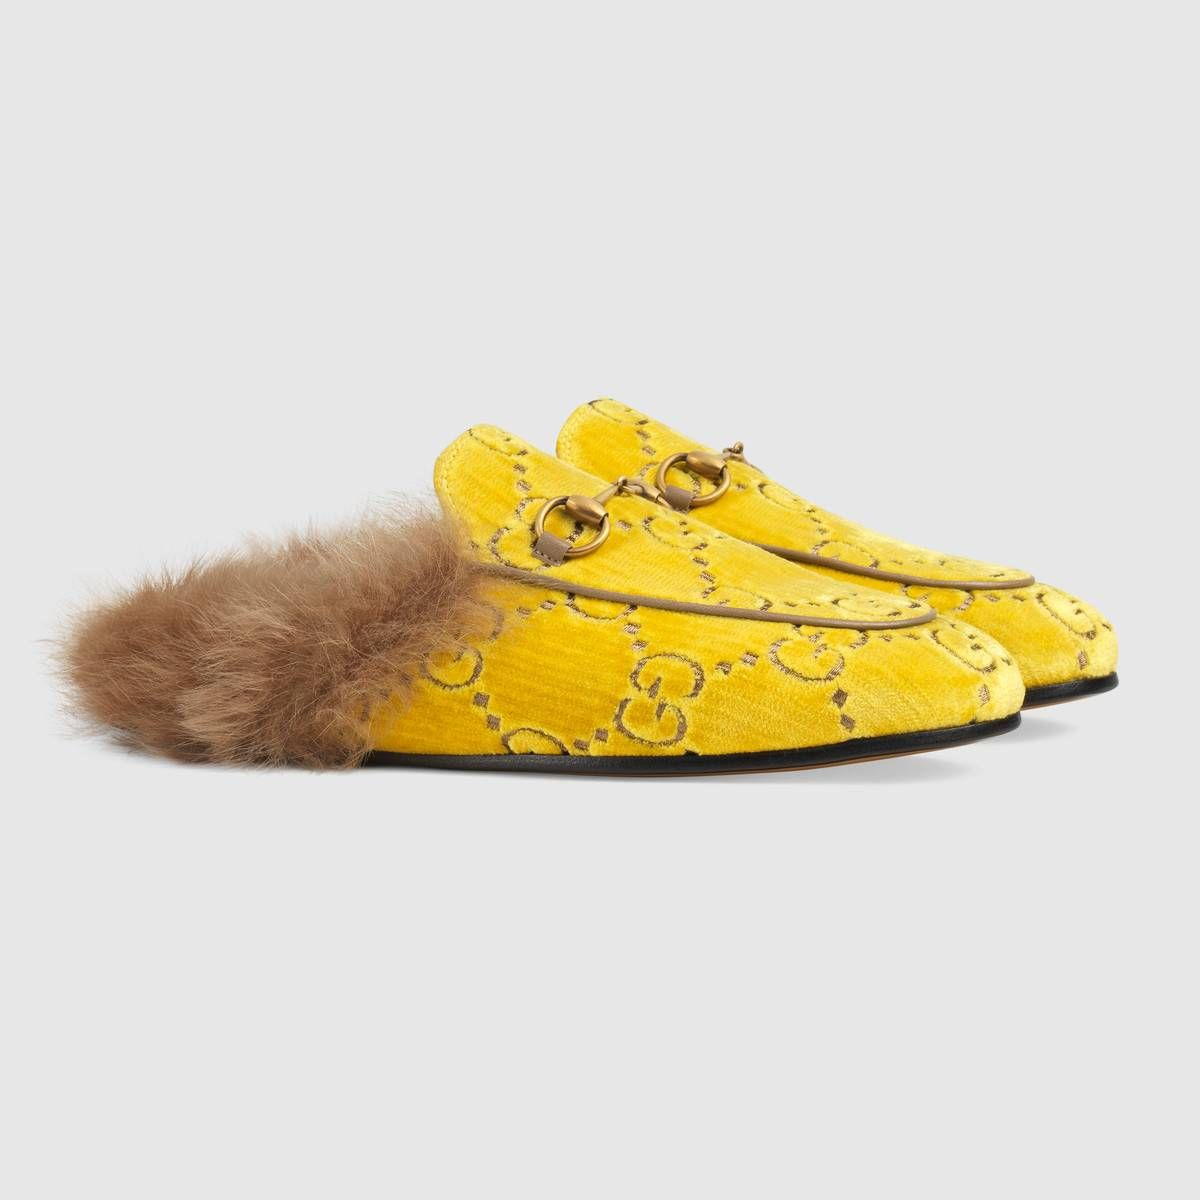 c673f59abe Princetown GG velvet slipper in 2019 | FLATS | Velvet slippers, Shoe ...